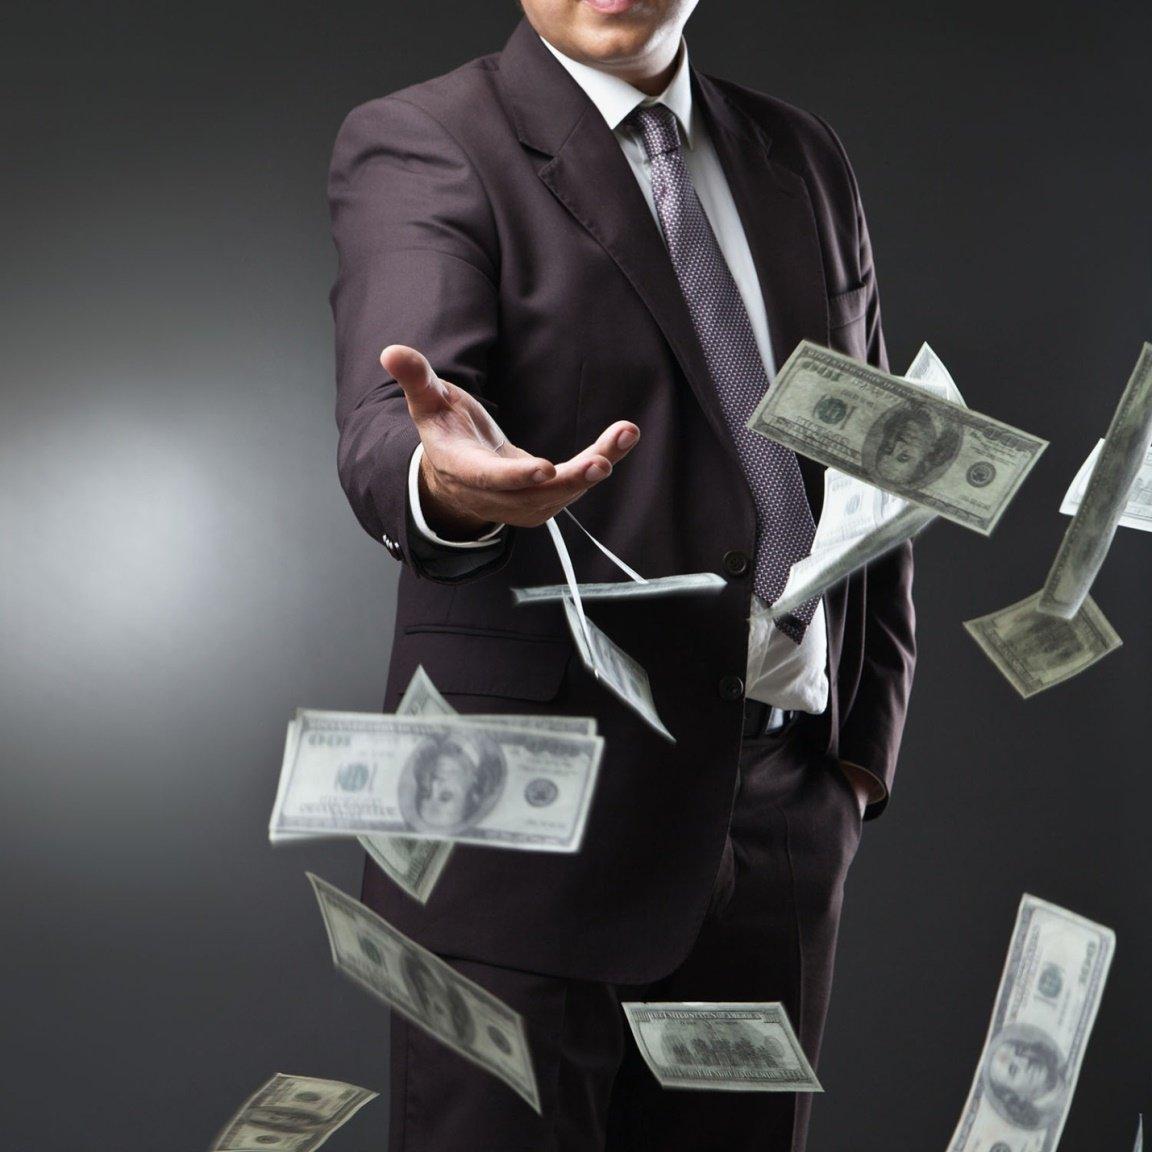 Сколько можно заработать на Форекс?